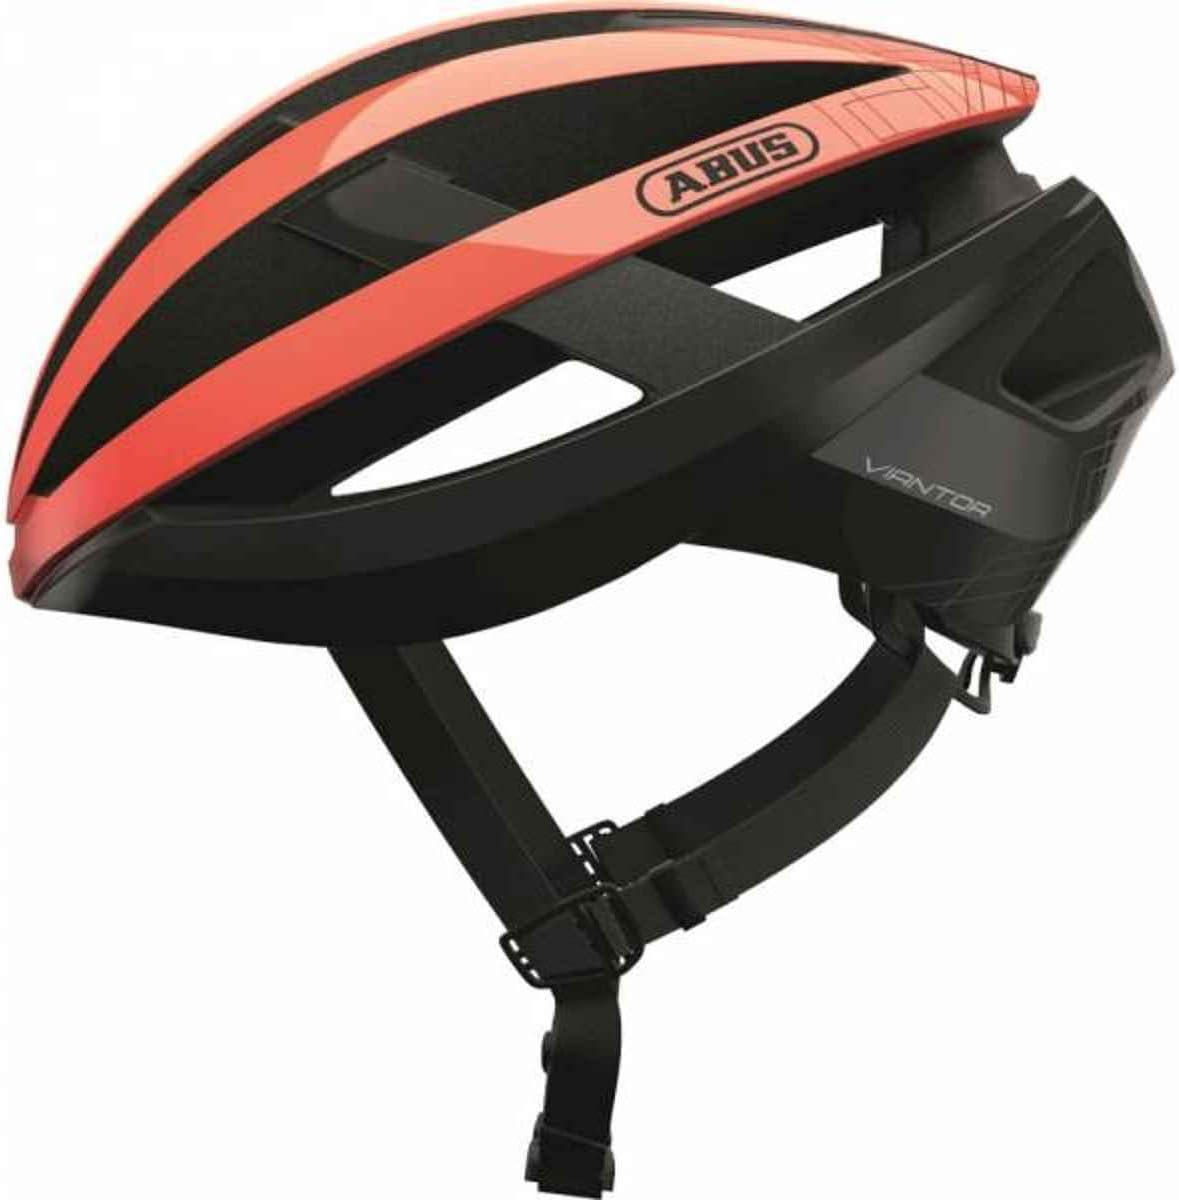 ABUS Viantor Bicycle Helmet